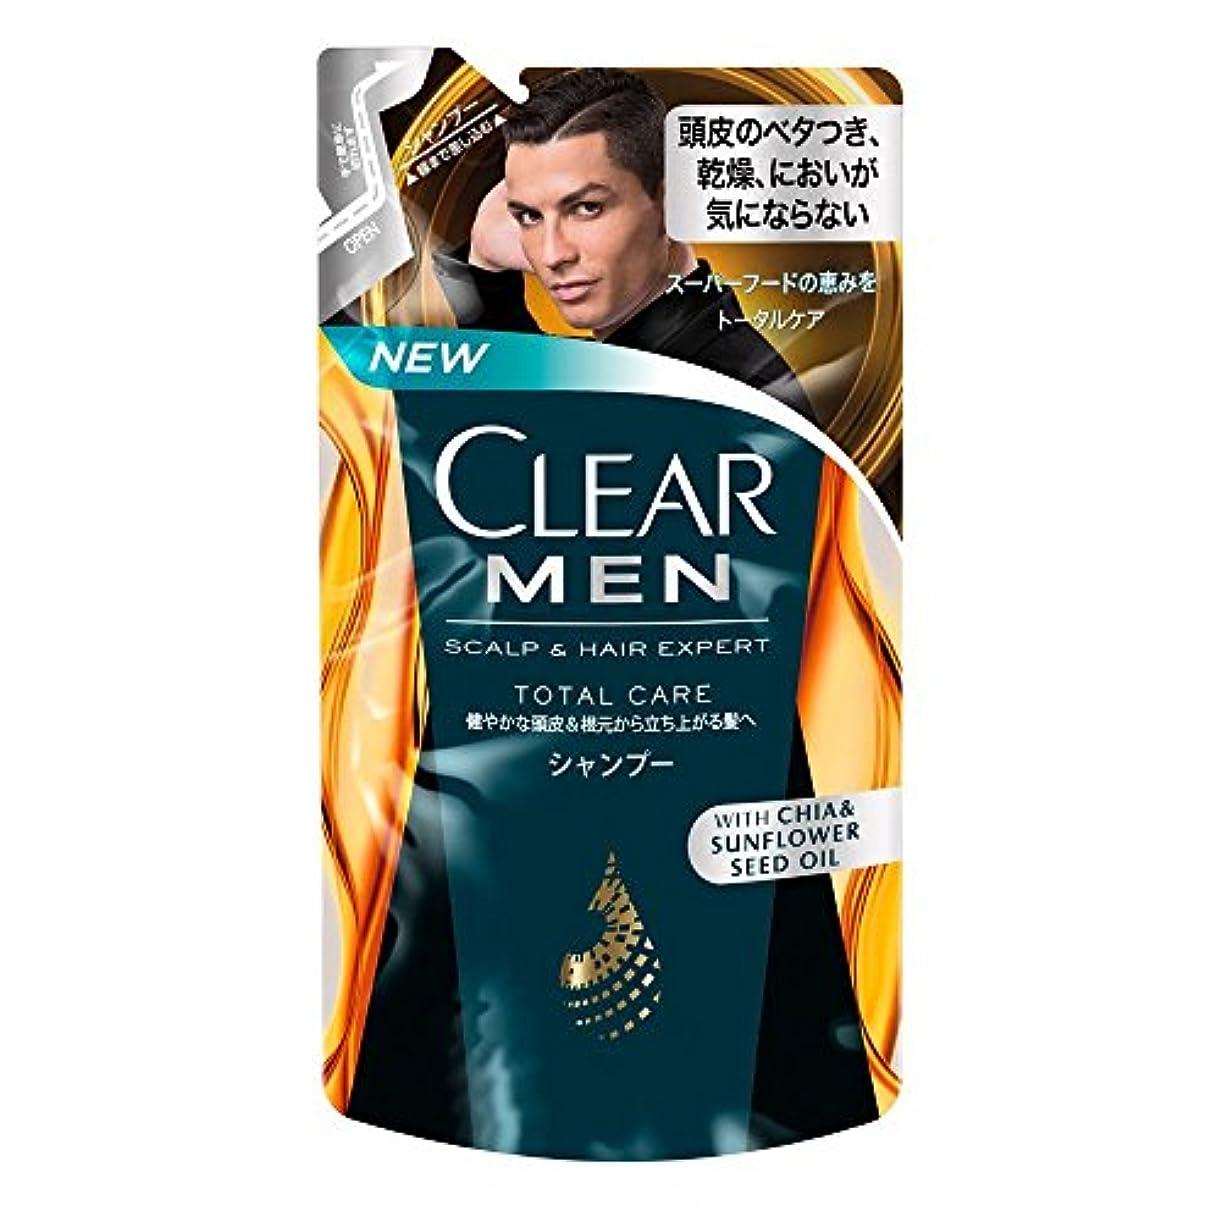 実現可能劣る天文学クリア フォーメン トータルケア 男性用シャンプー つめかえ用 (健やかな頭皮へ) 280g × 3個